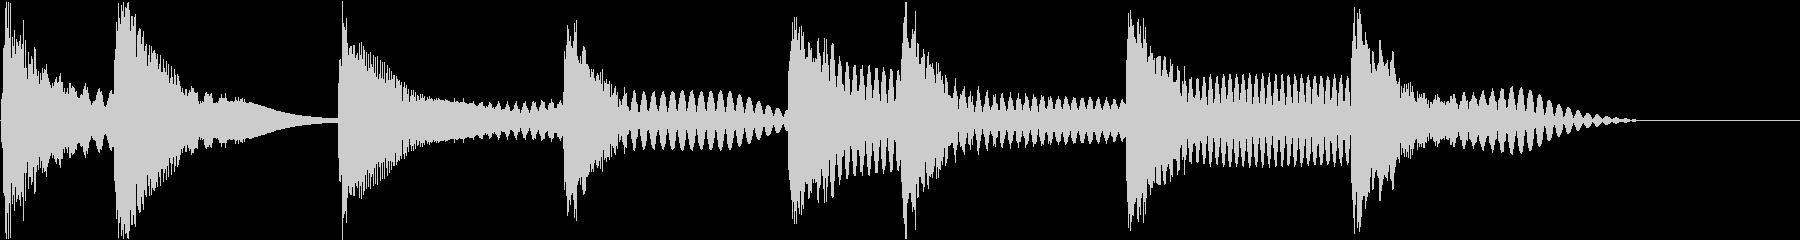 着信音 ループ お知らせ 通知 海 4の未再生の波形